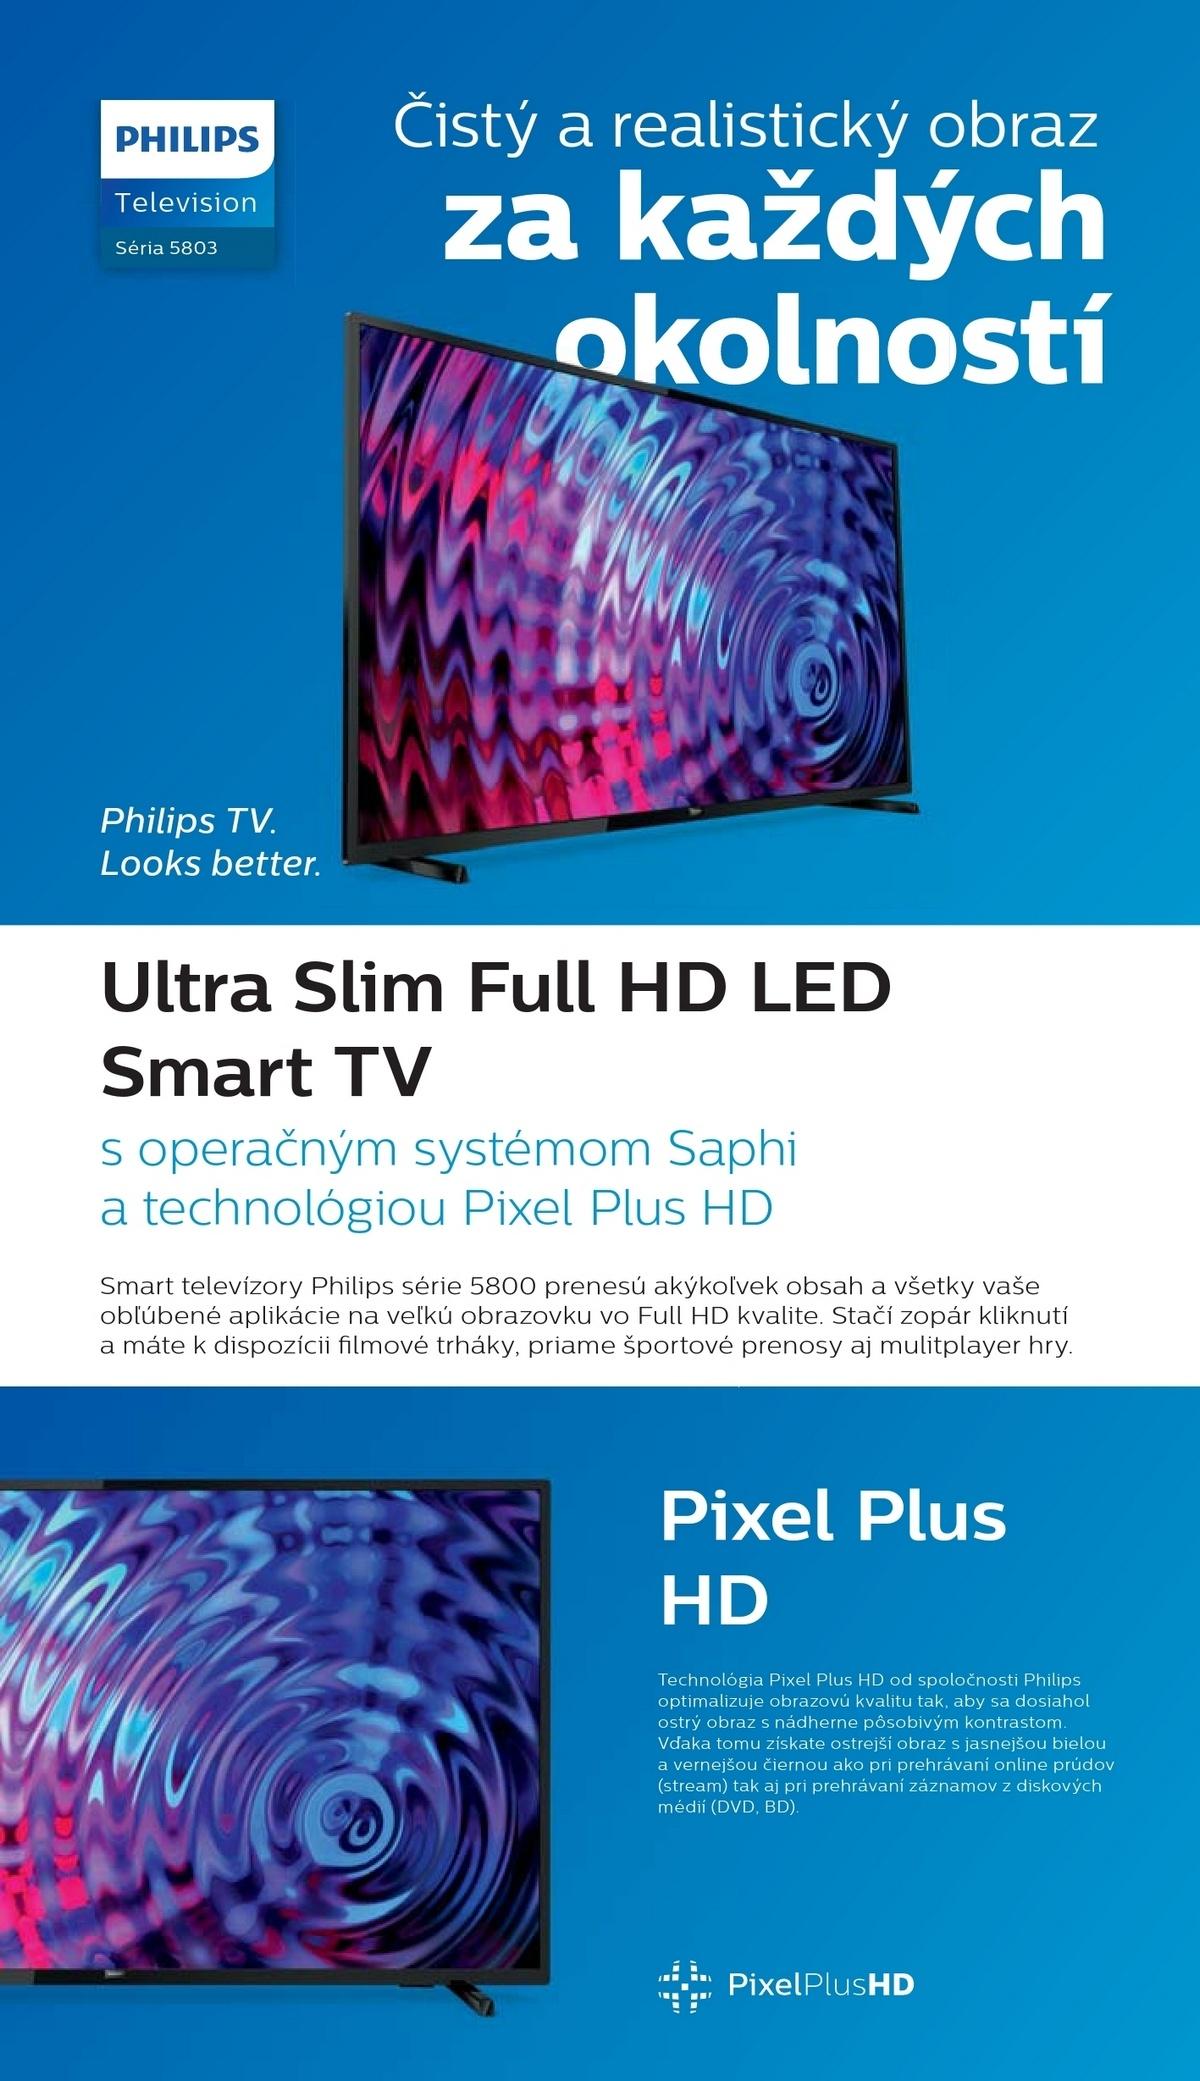 b5e685d55 Ultra tenký Smart LED televízor s rozlíšením Full HD s technológiou Pixel  Plus HD a systémom Saphi Televízor Philips série 5800 s aplikáciou Smart TV  ...